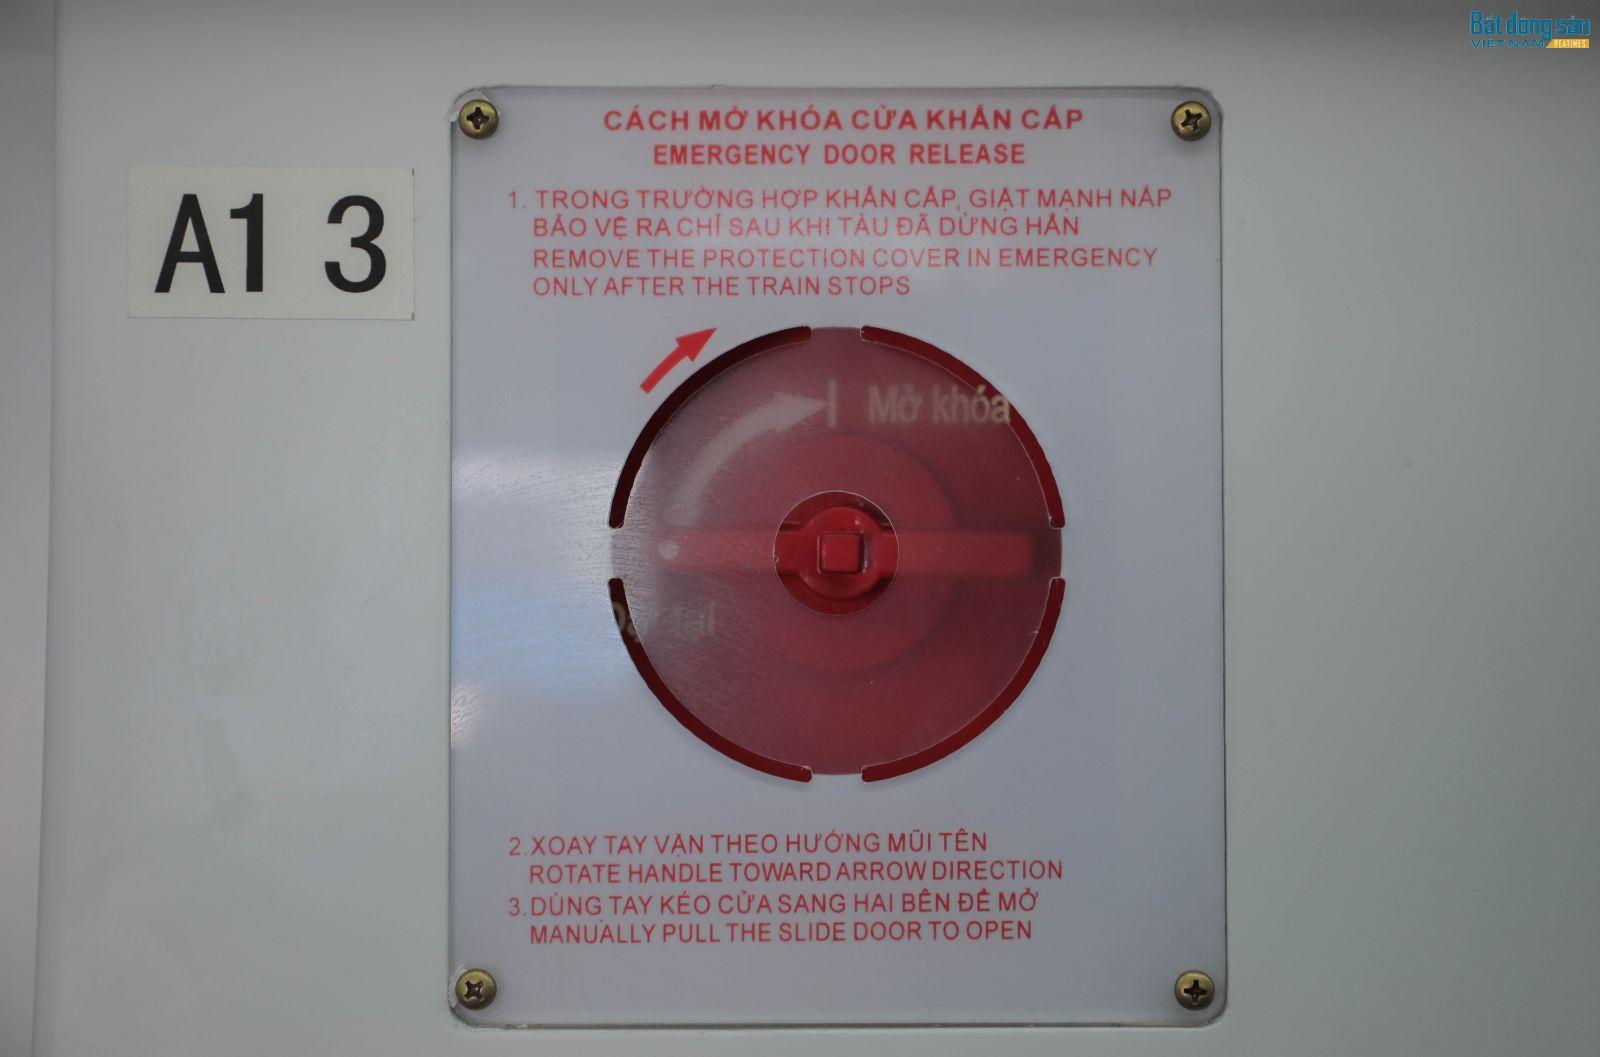 Hệ thống PCCC được trang bị đầy đủ để nâng cao tính an toàn.